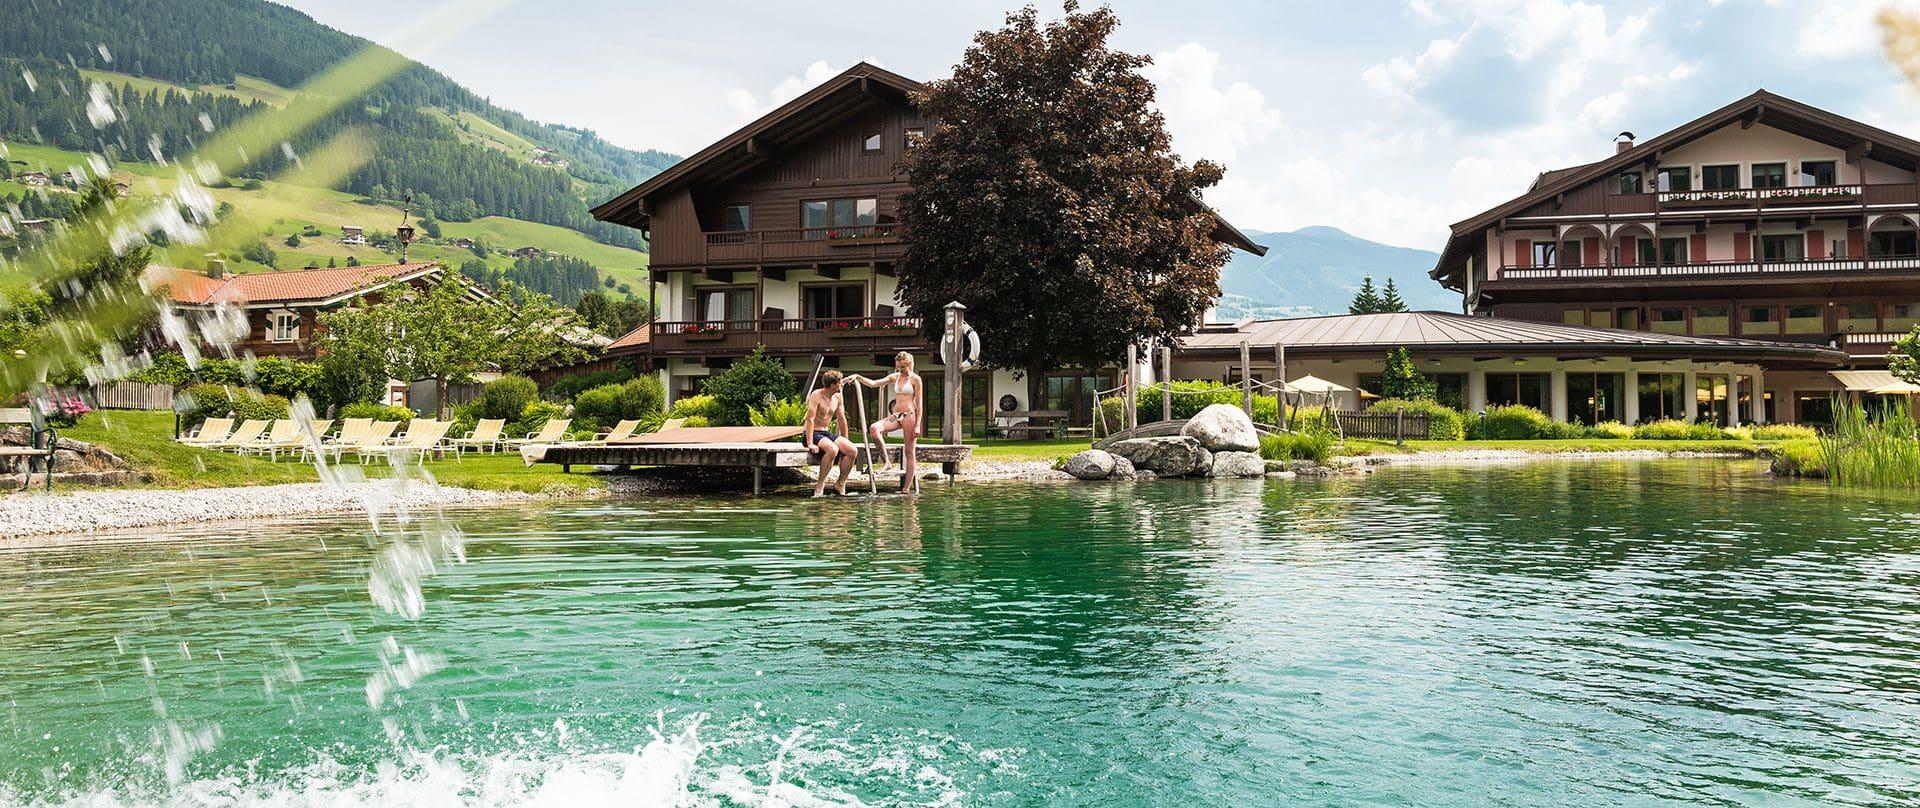 Hotel mit Badesee in Österreich